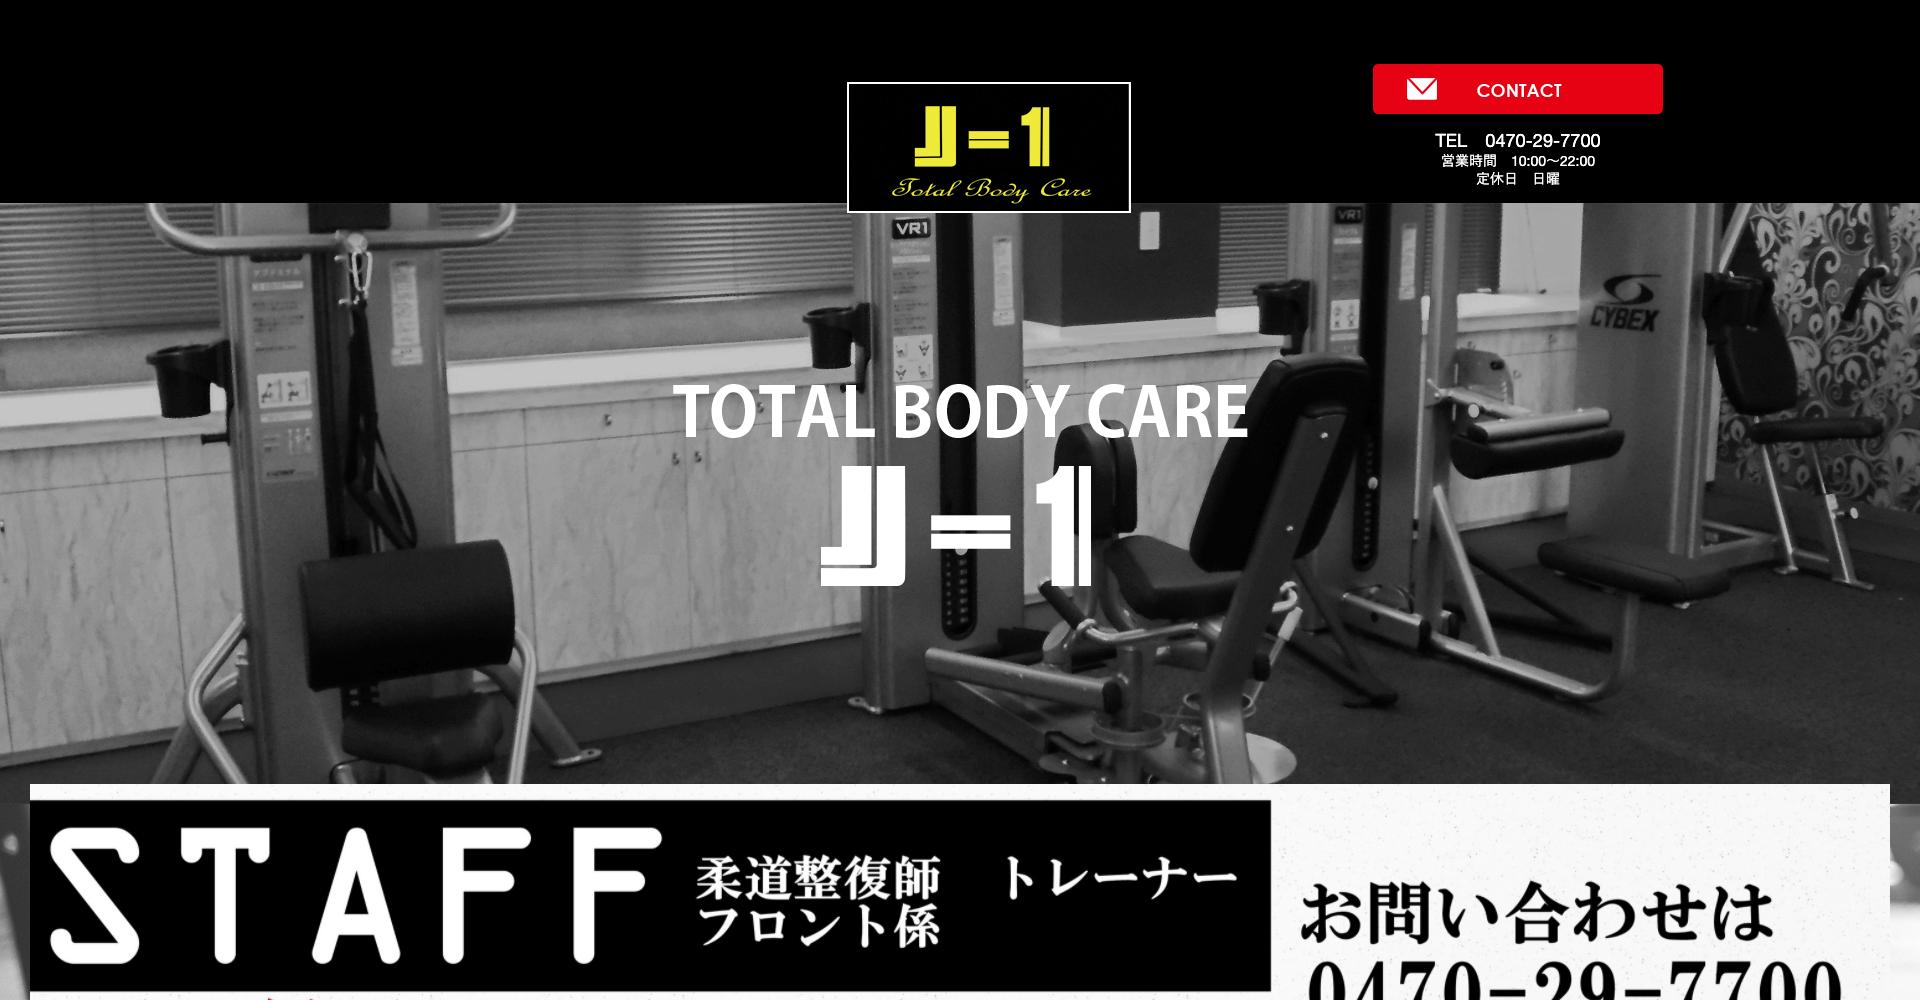 Total Body Care J-1